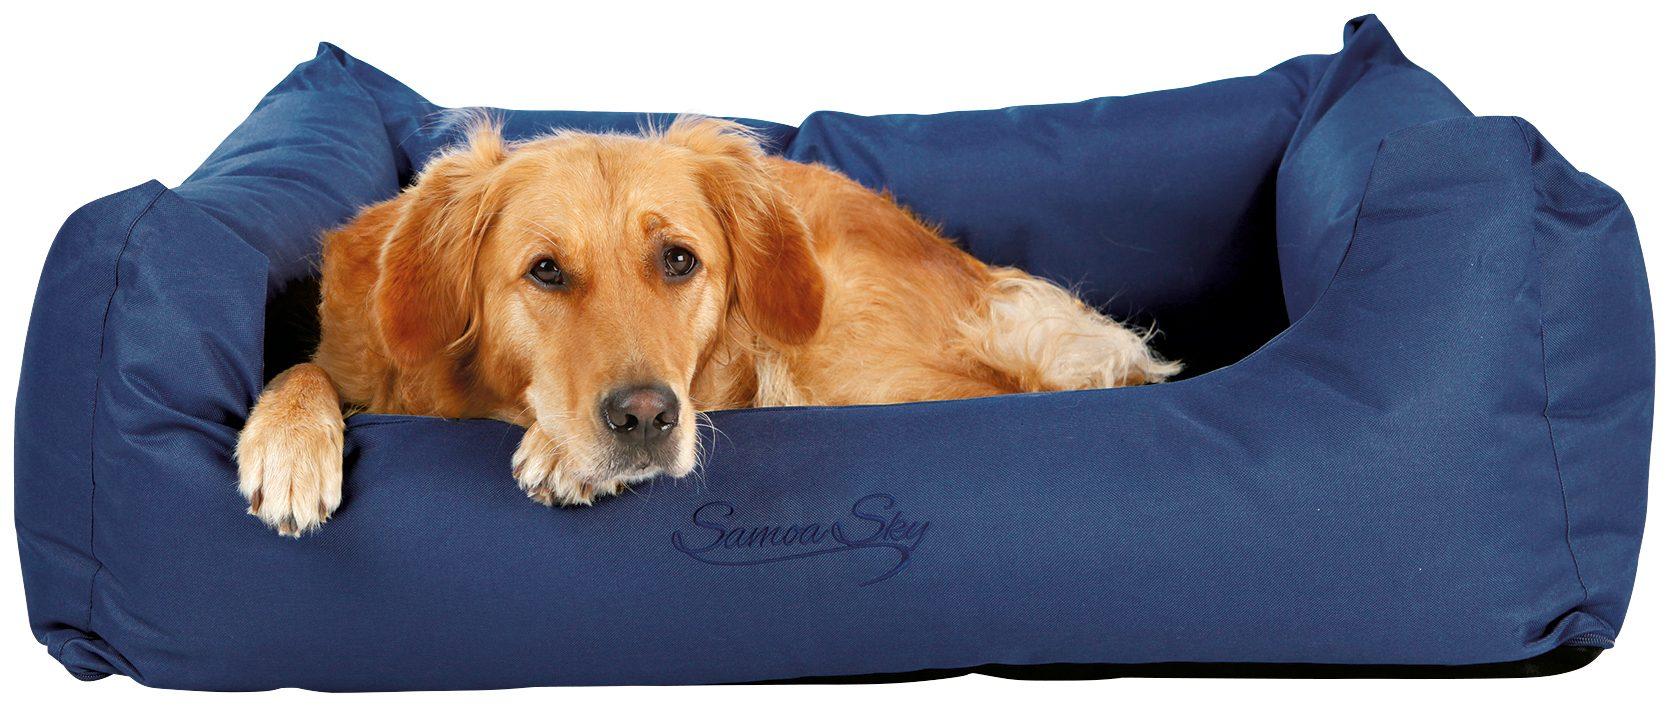 Hunde-Bett »Samoa Sky«, BxL: 80x65 cm, blau